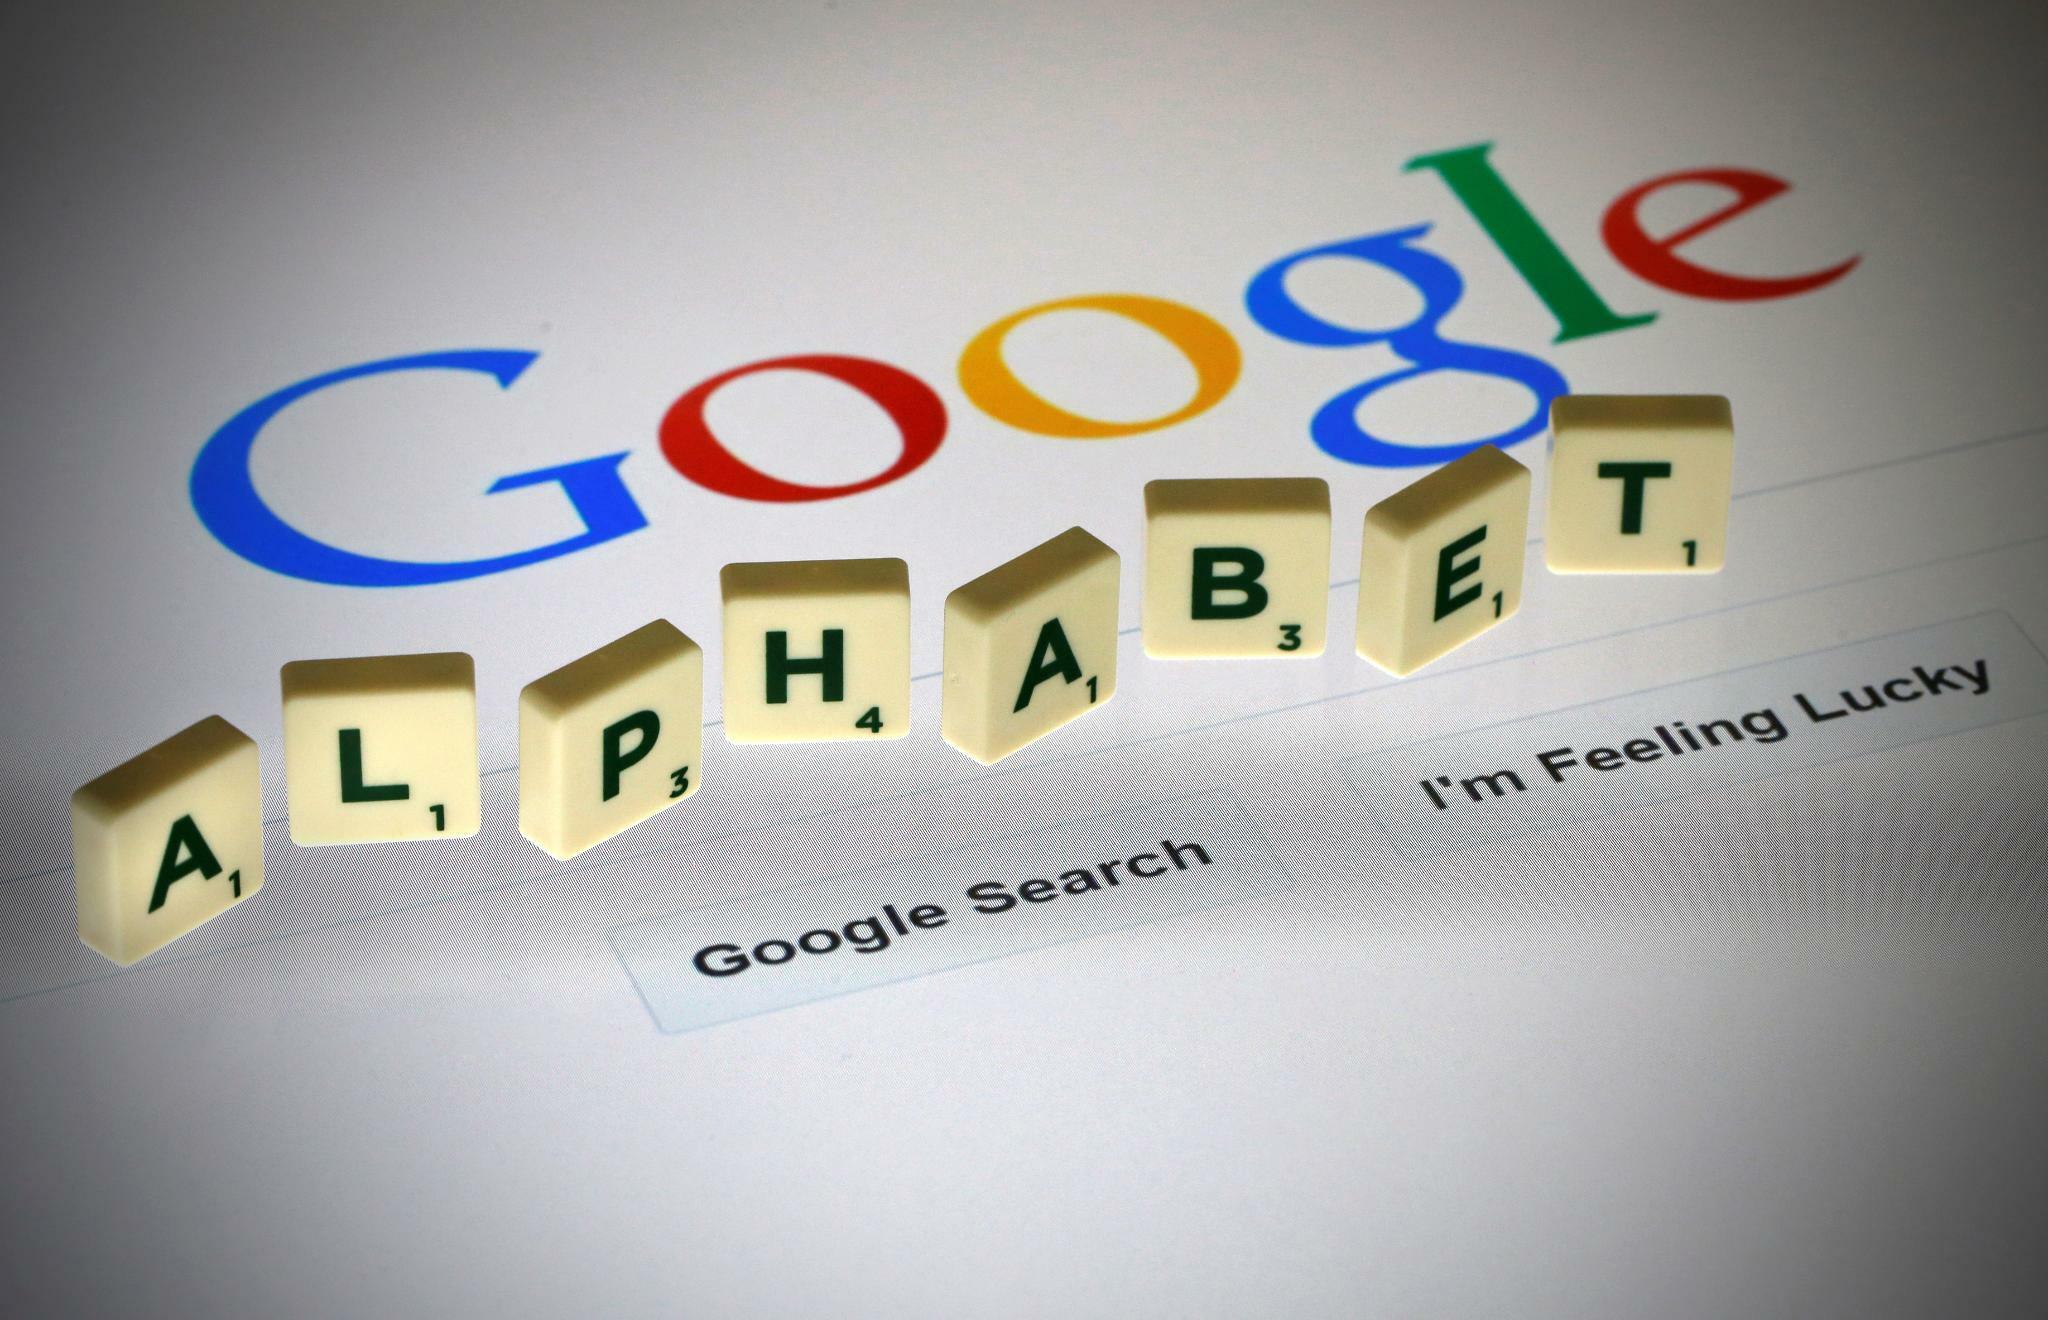 Google Tochterunternehmen: Diese Unternehmen gehören zu Alphabet